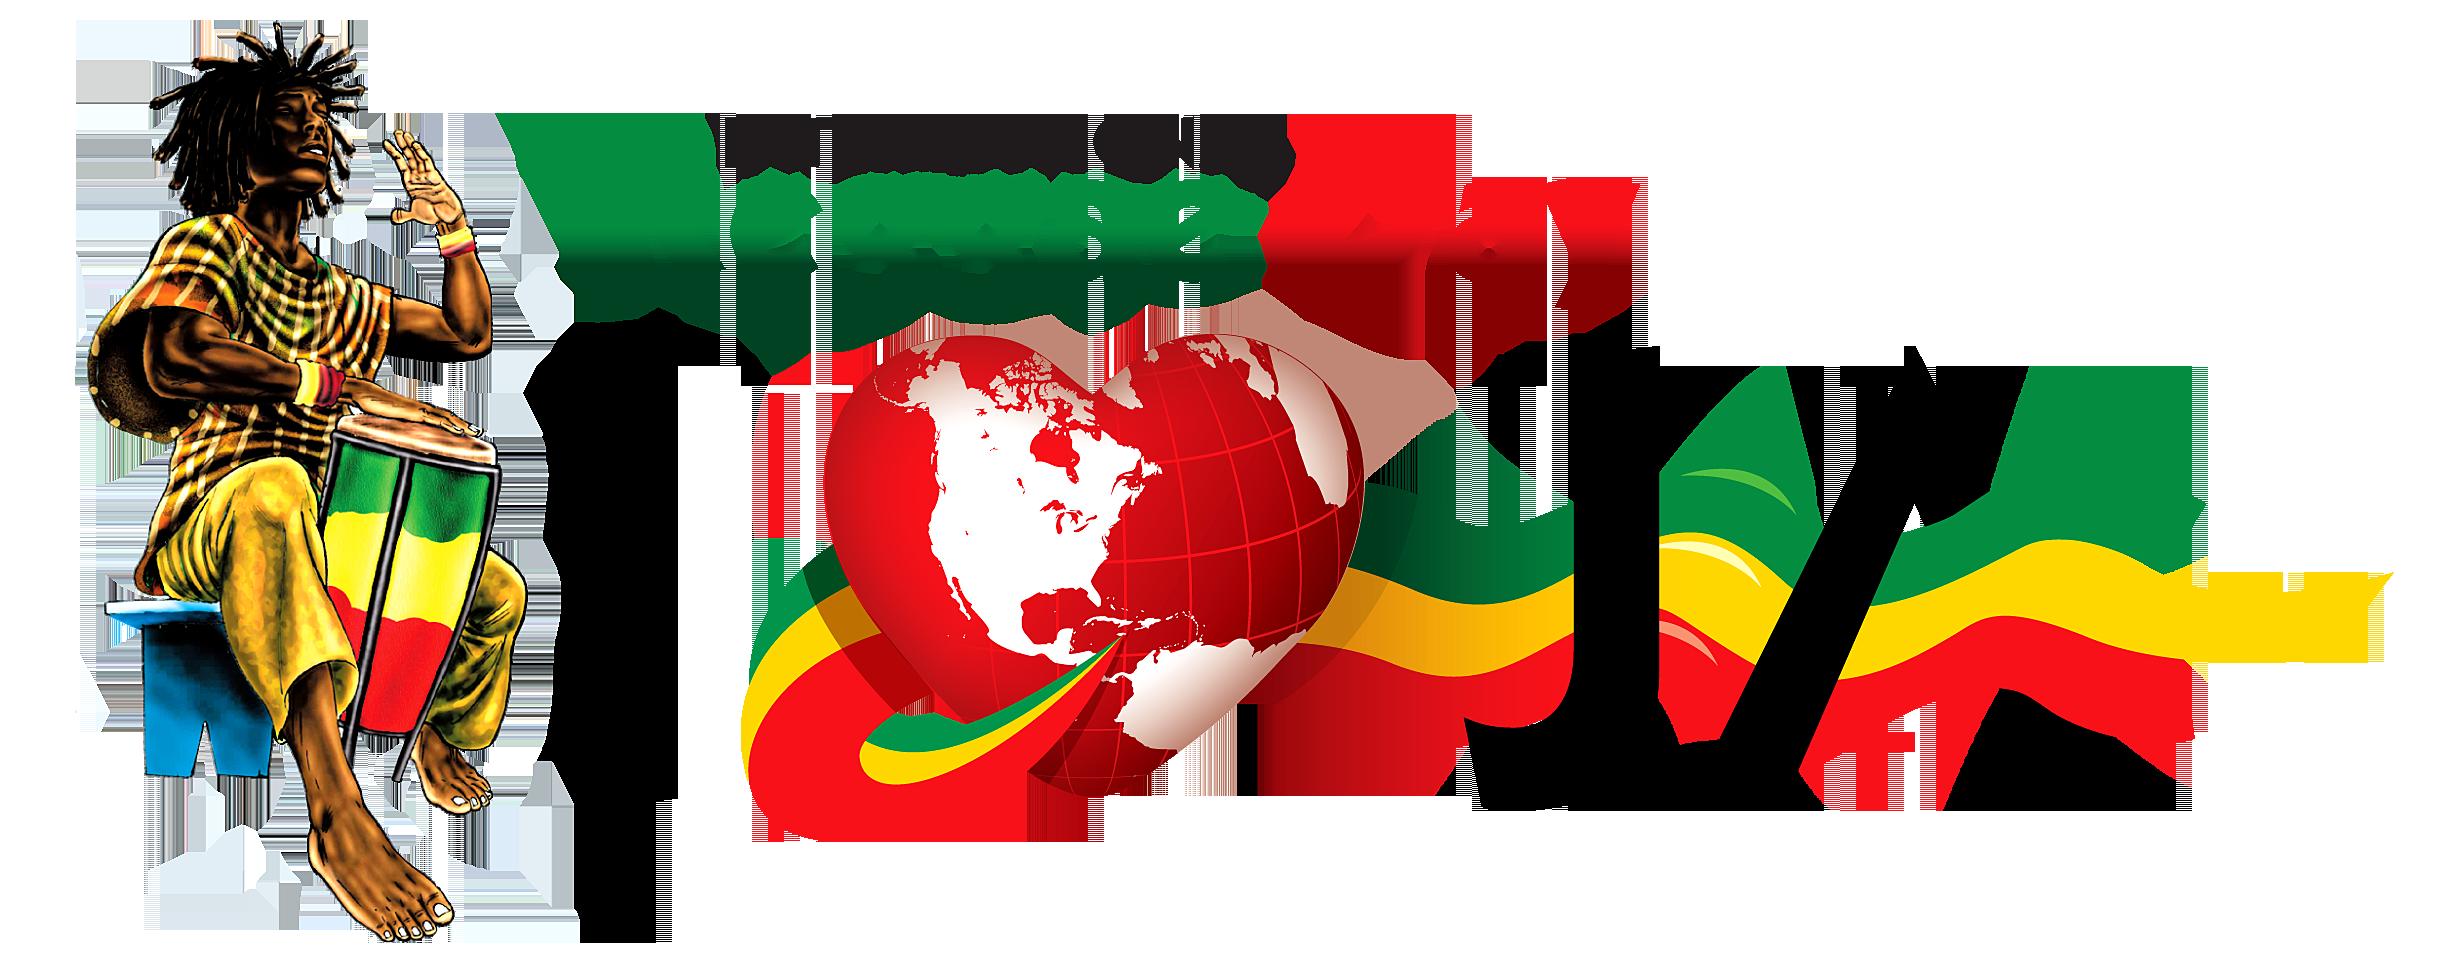 Reggae clipart brazil Day IRD Event International Reggae